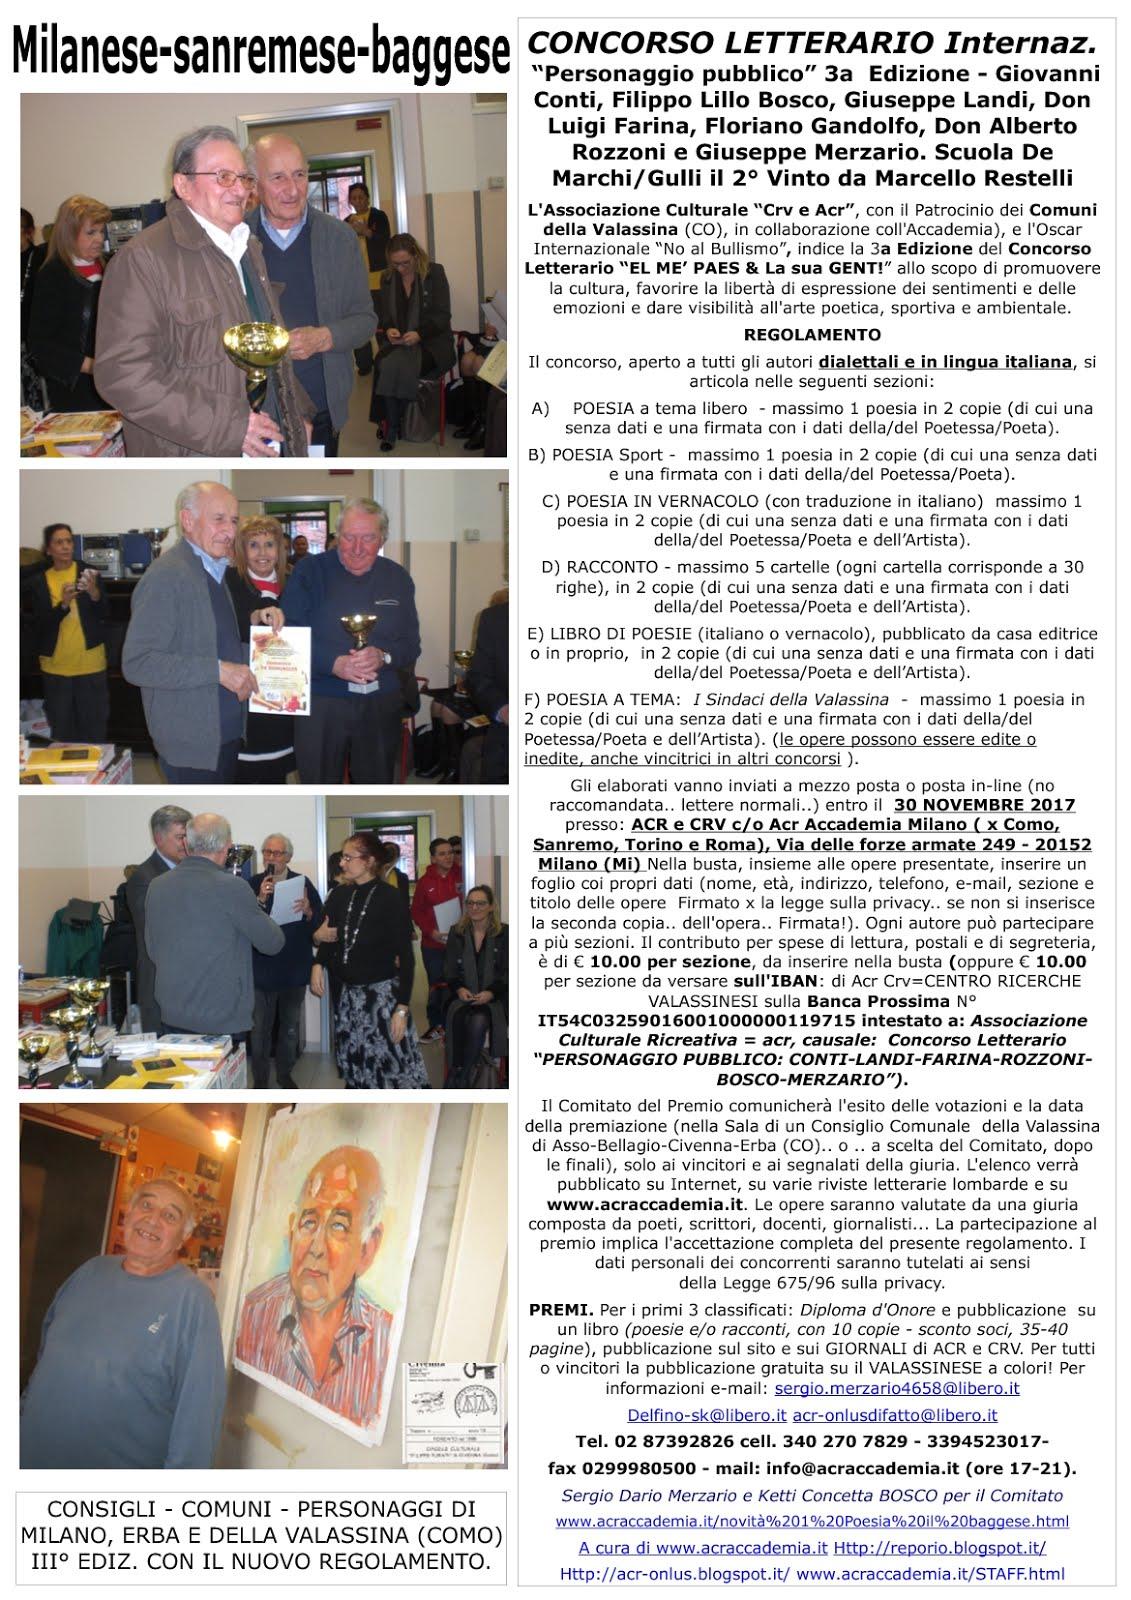 """ACR-CRV PROGETTO  """"LAVORO E DEI VALORI"""" PER MIGLIORARE LA VITA. ai SOCI e Volontari""""."""